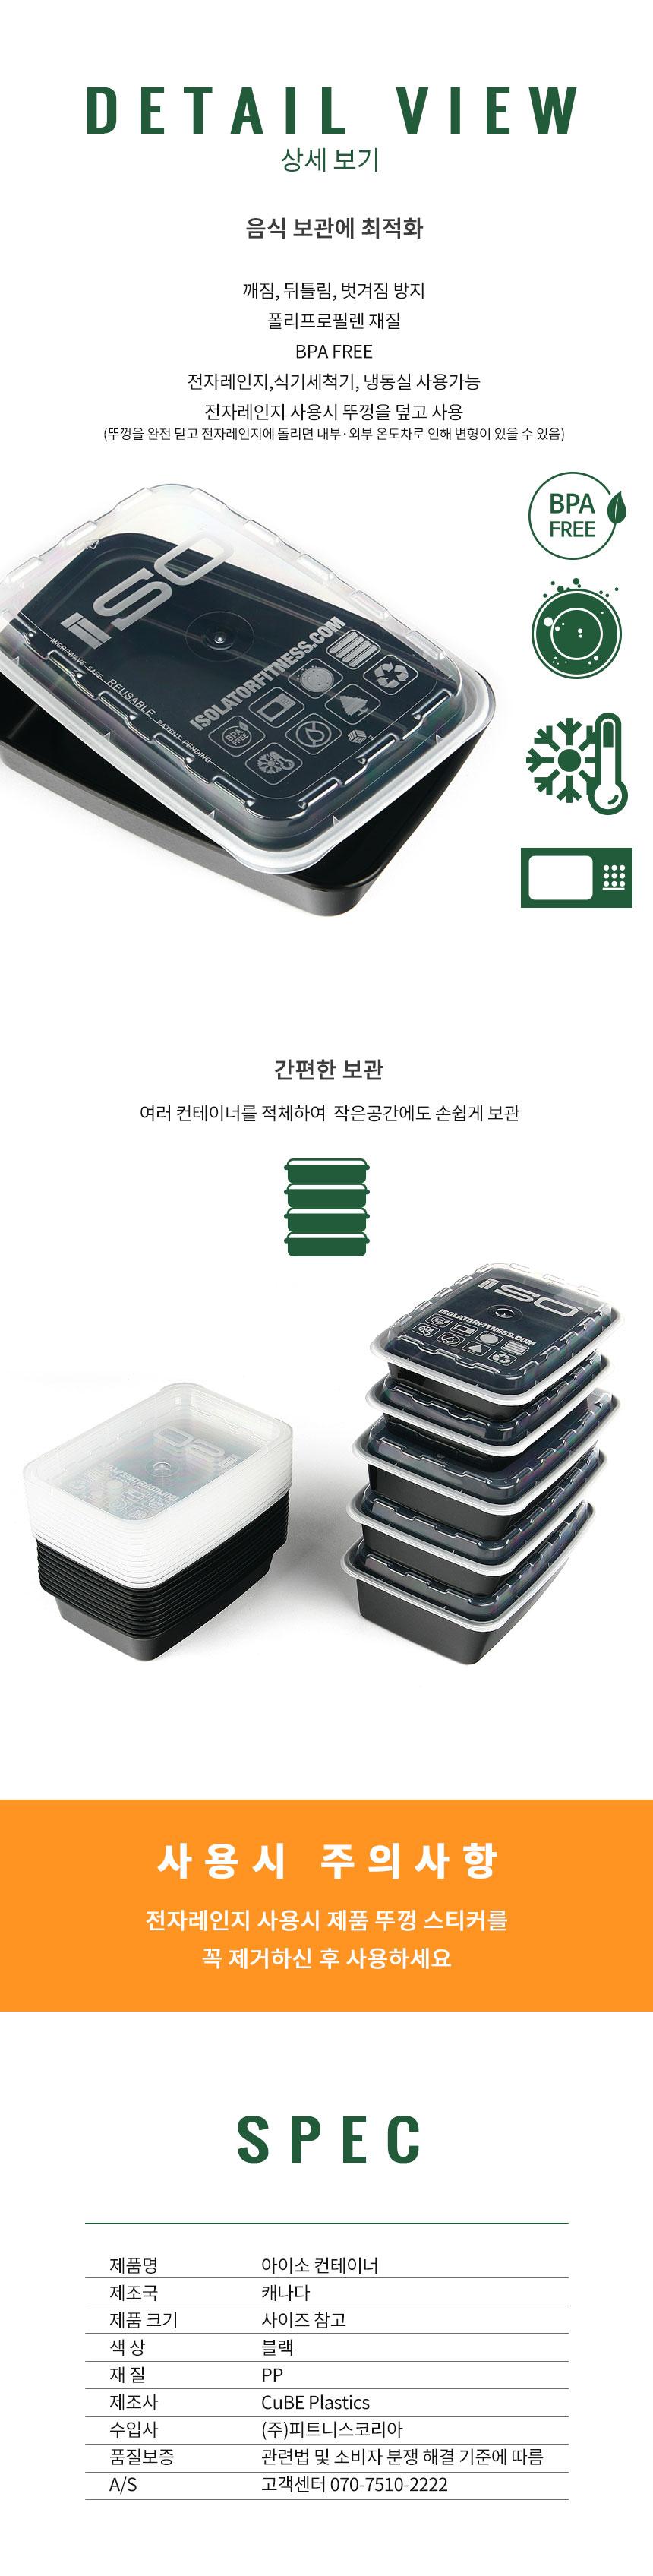 피트니스 식단관리 밀프렙 아이소백 컨테이너 보관용기